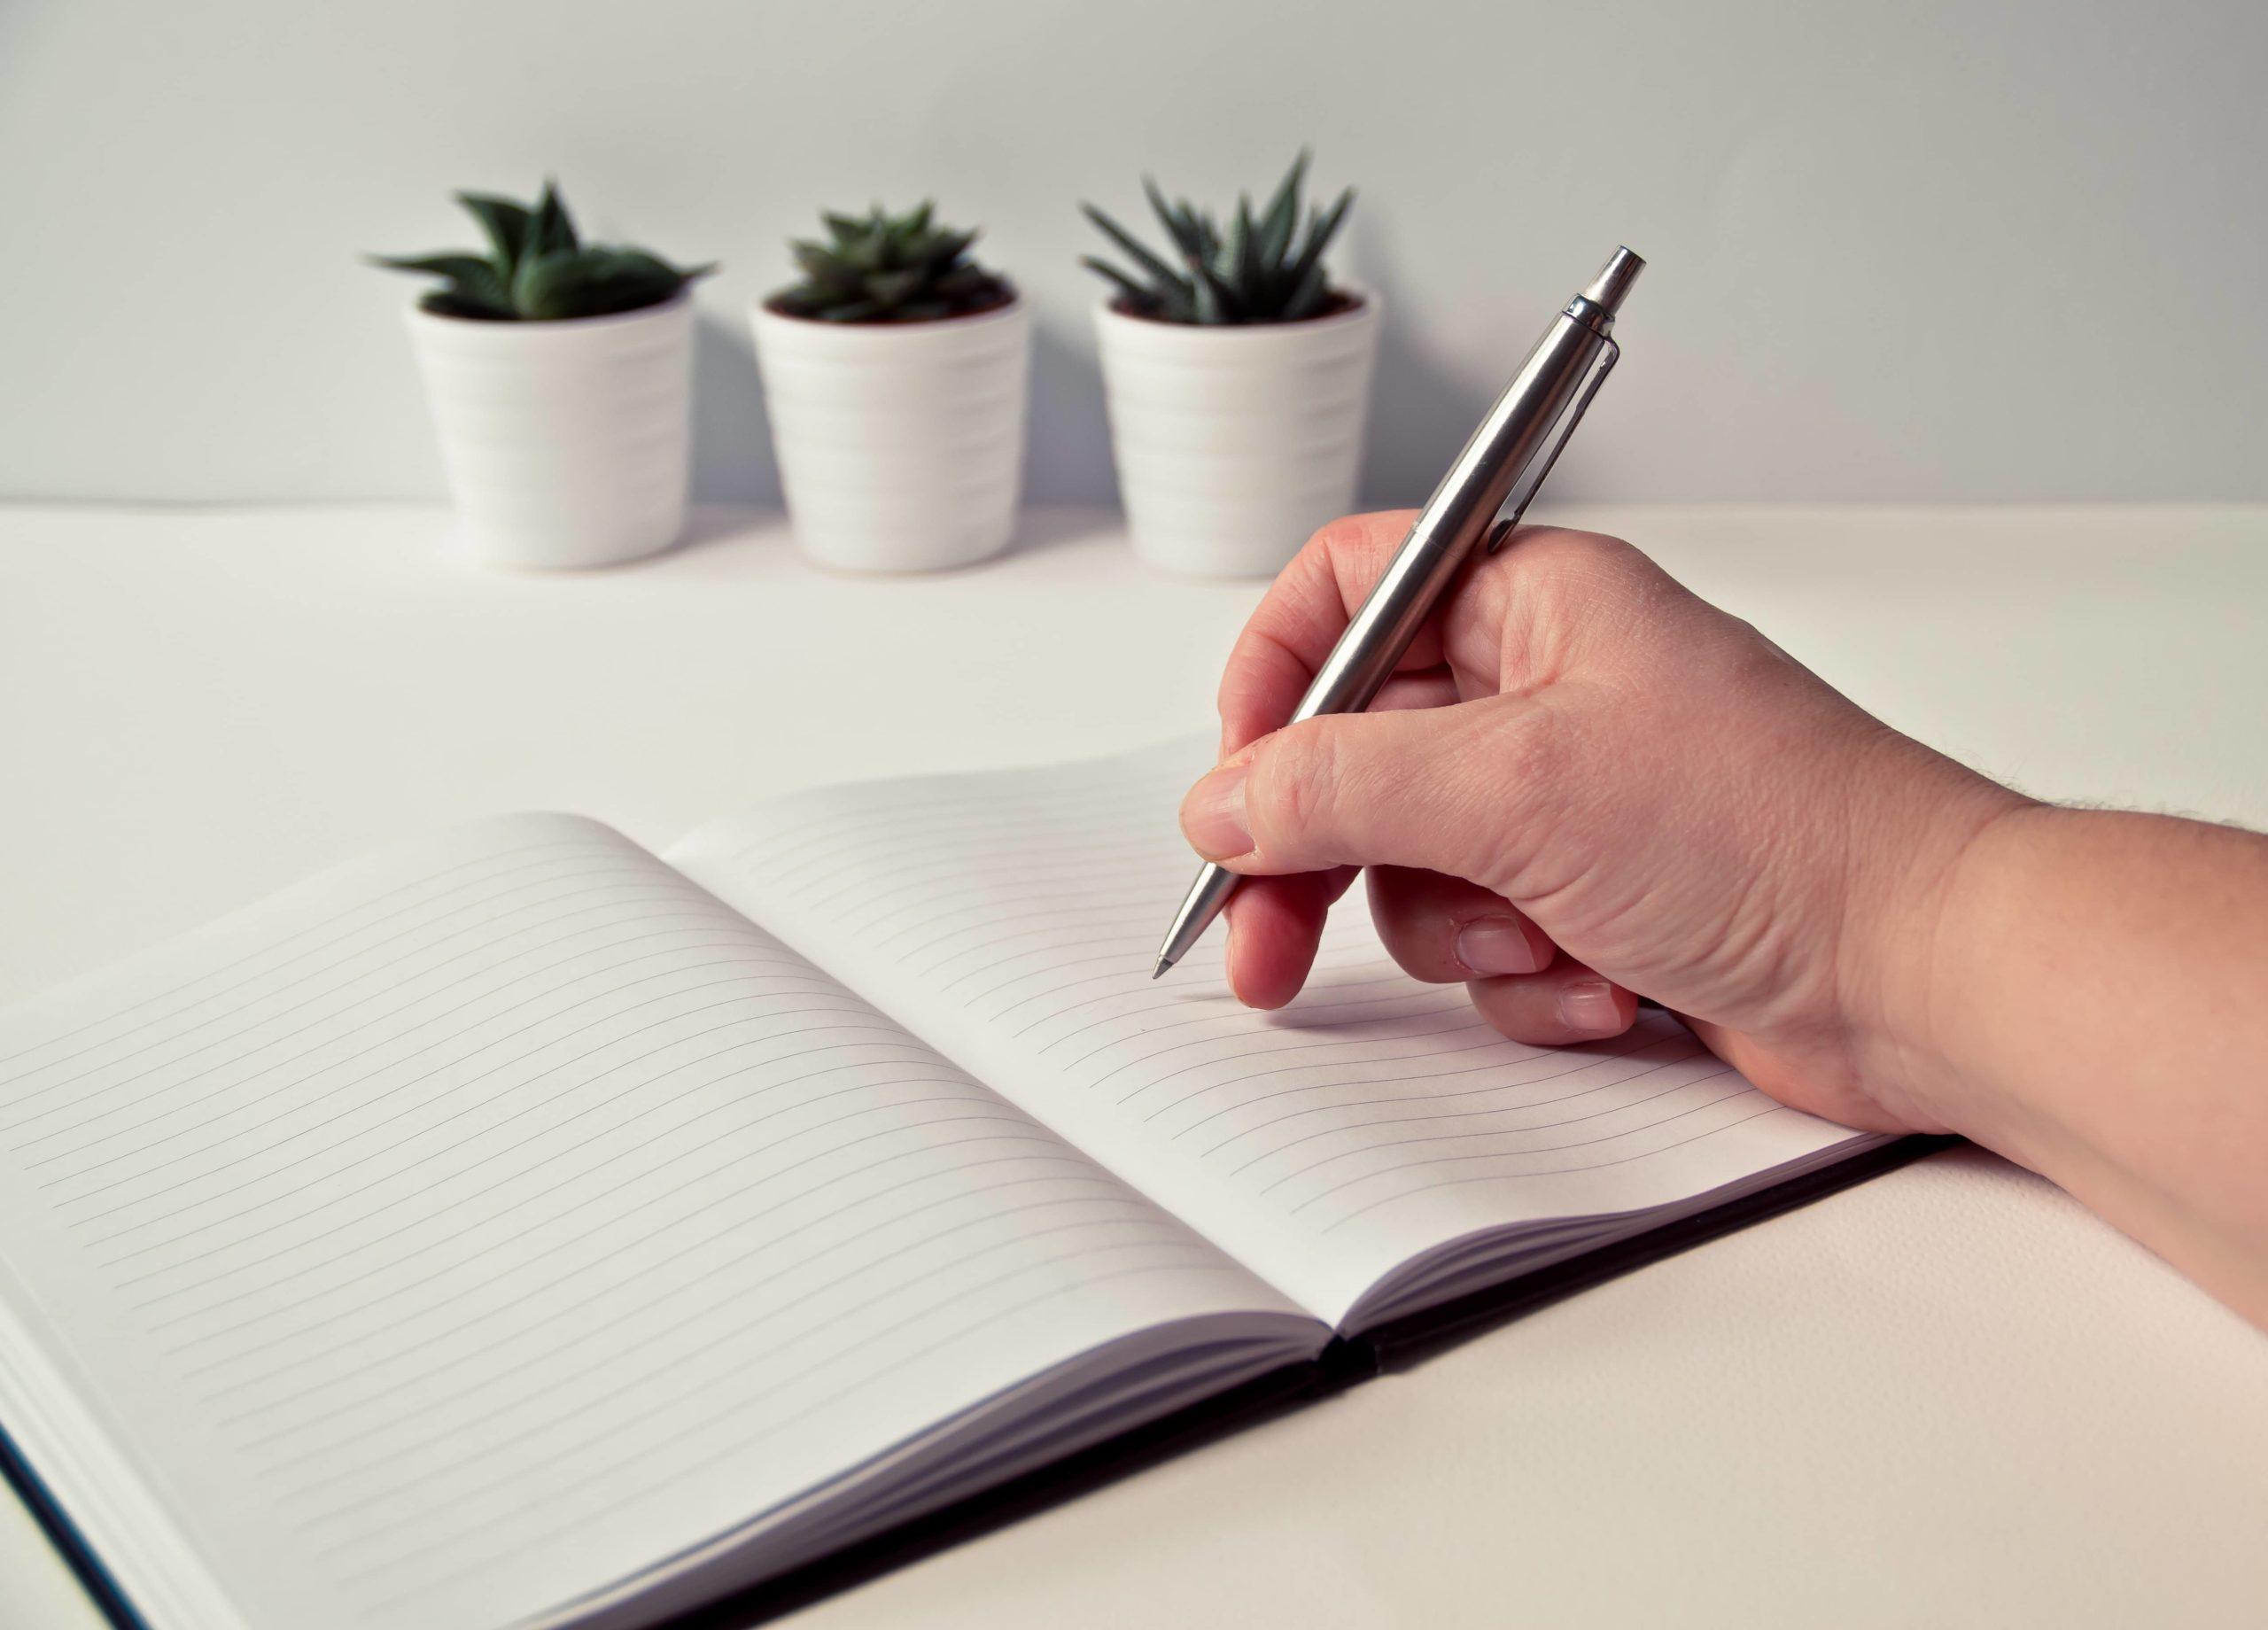 Un homme tenant un stylo pour écrire